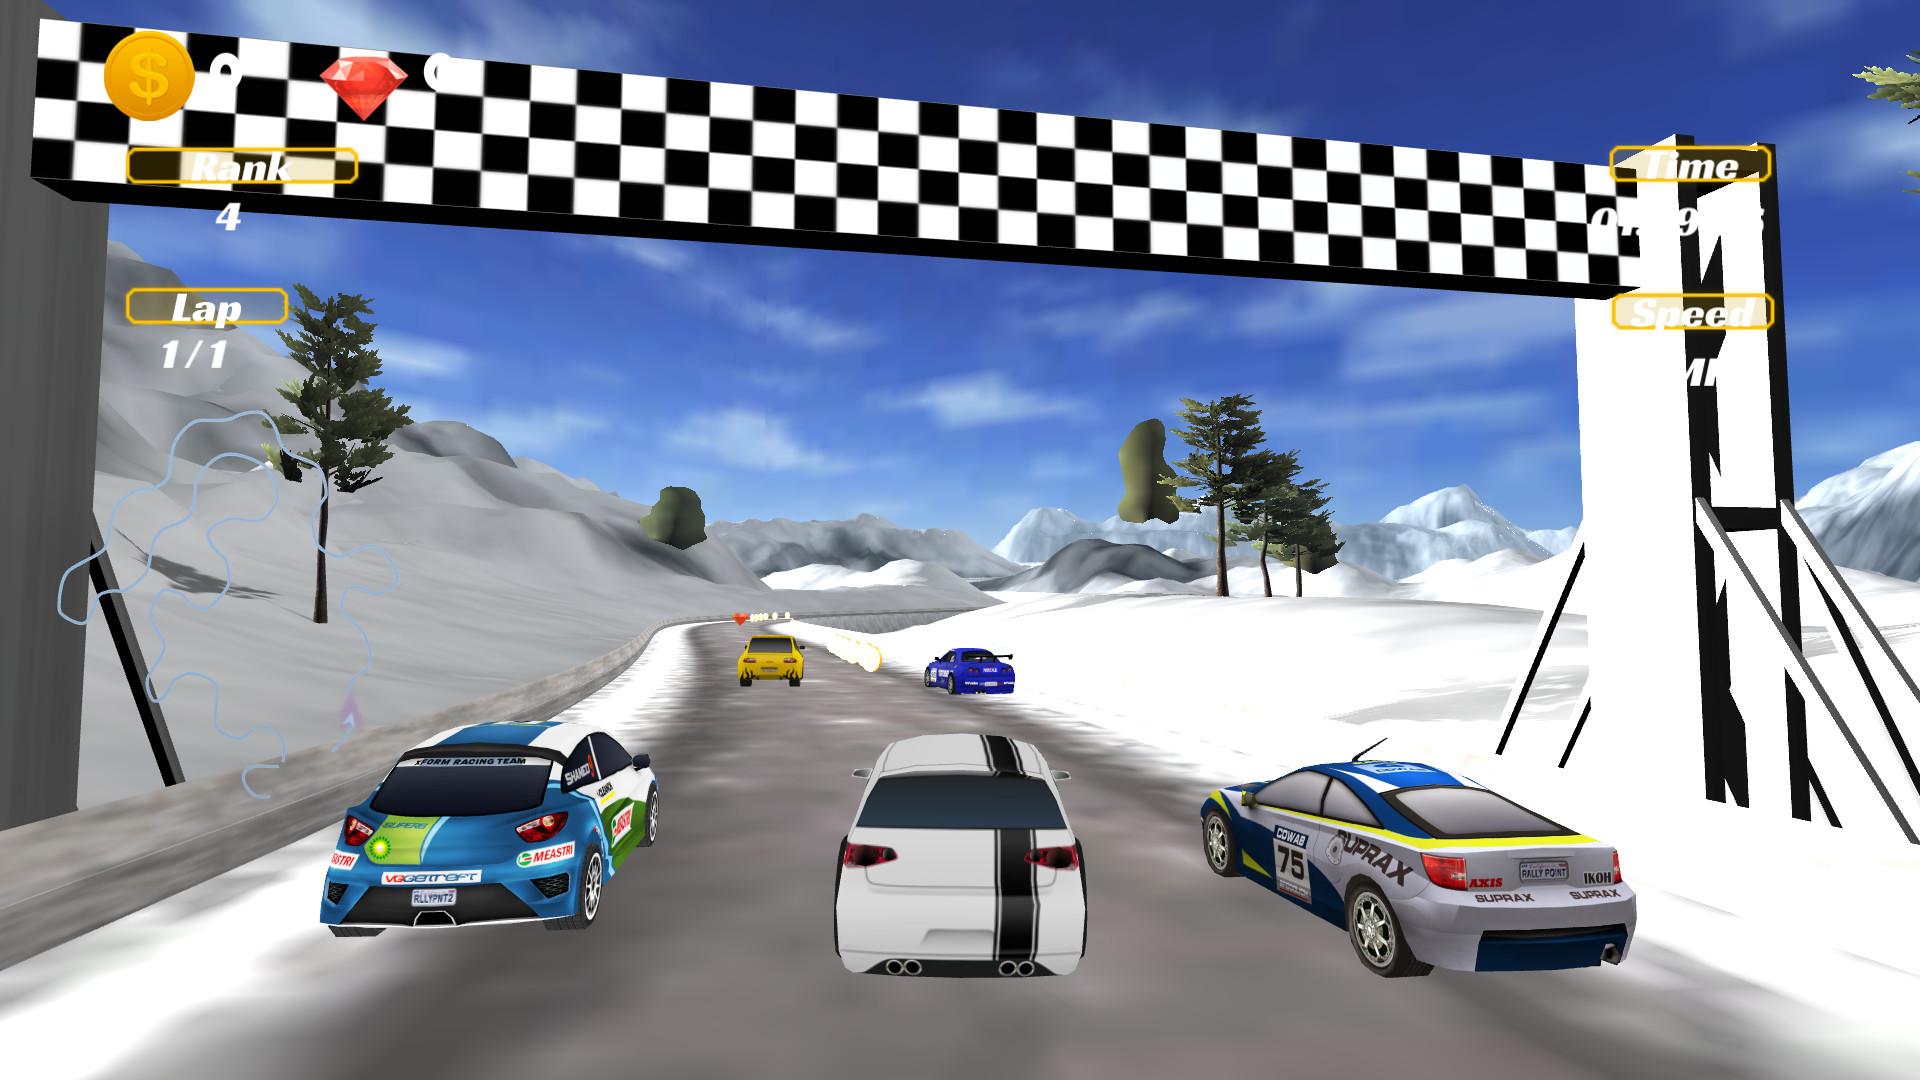 com.steam.793970-screenshot